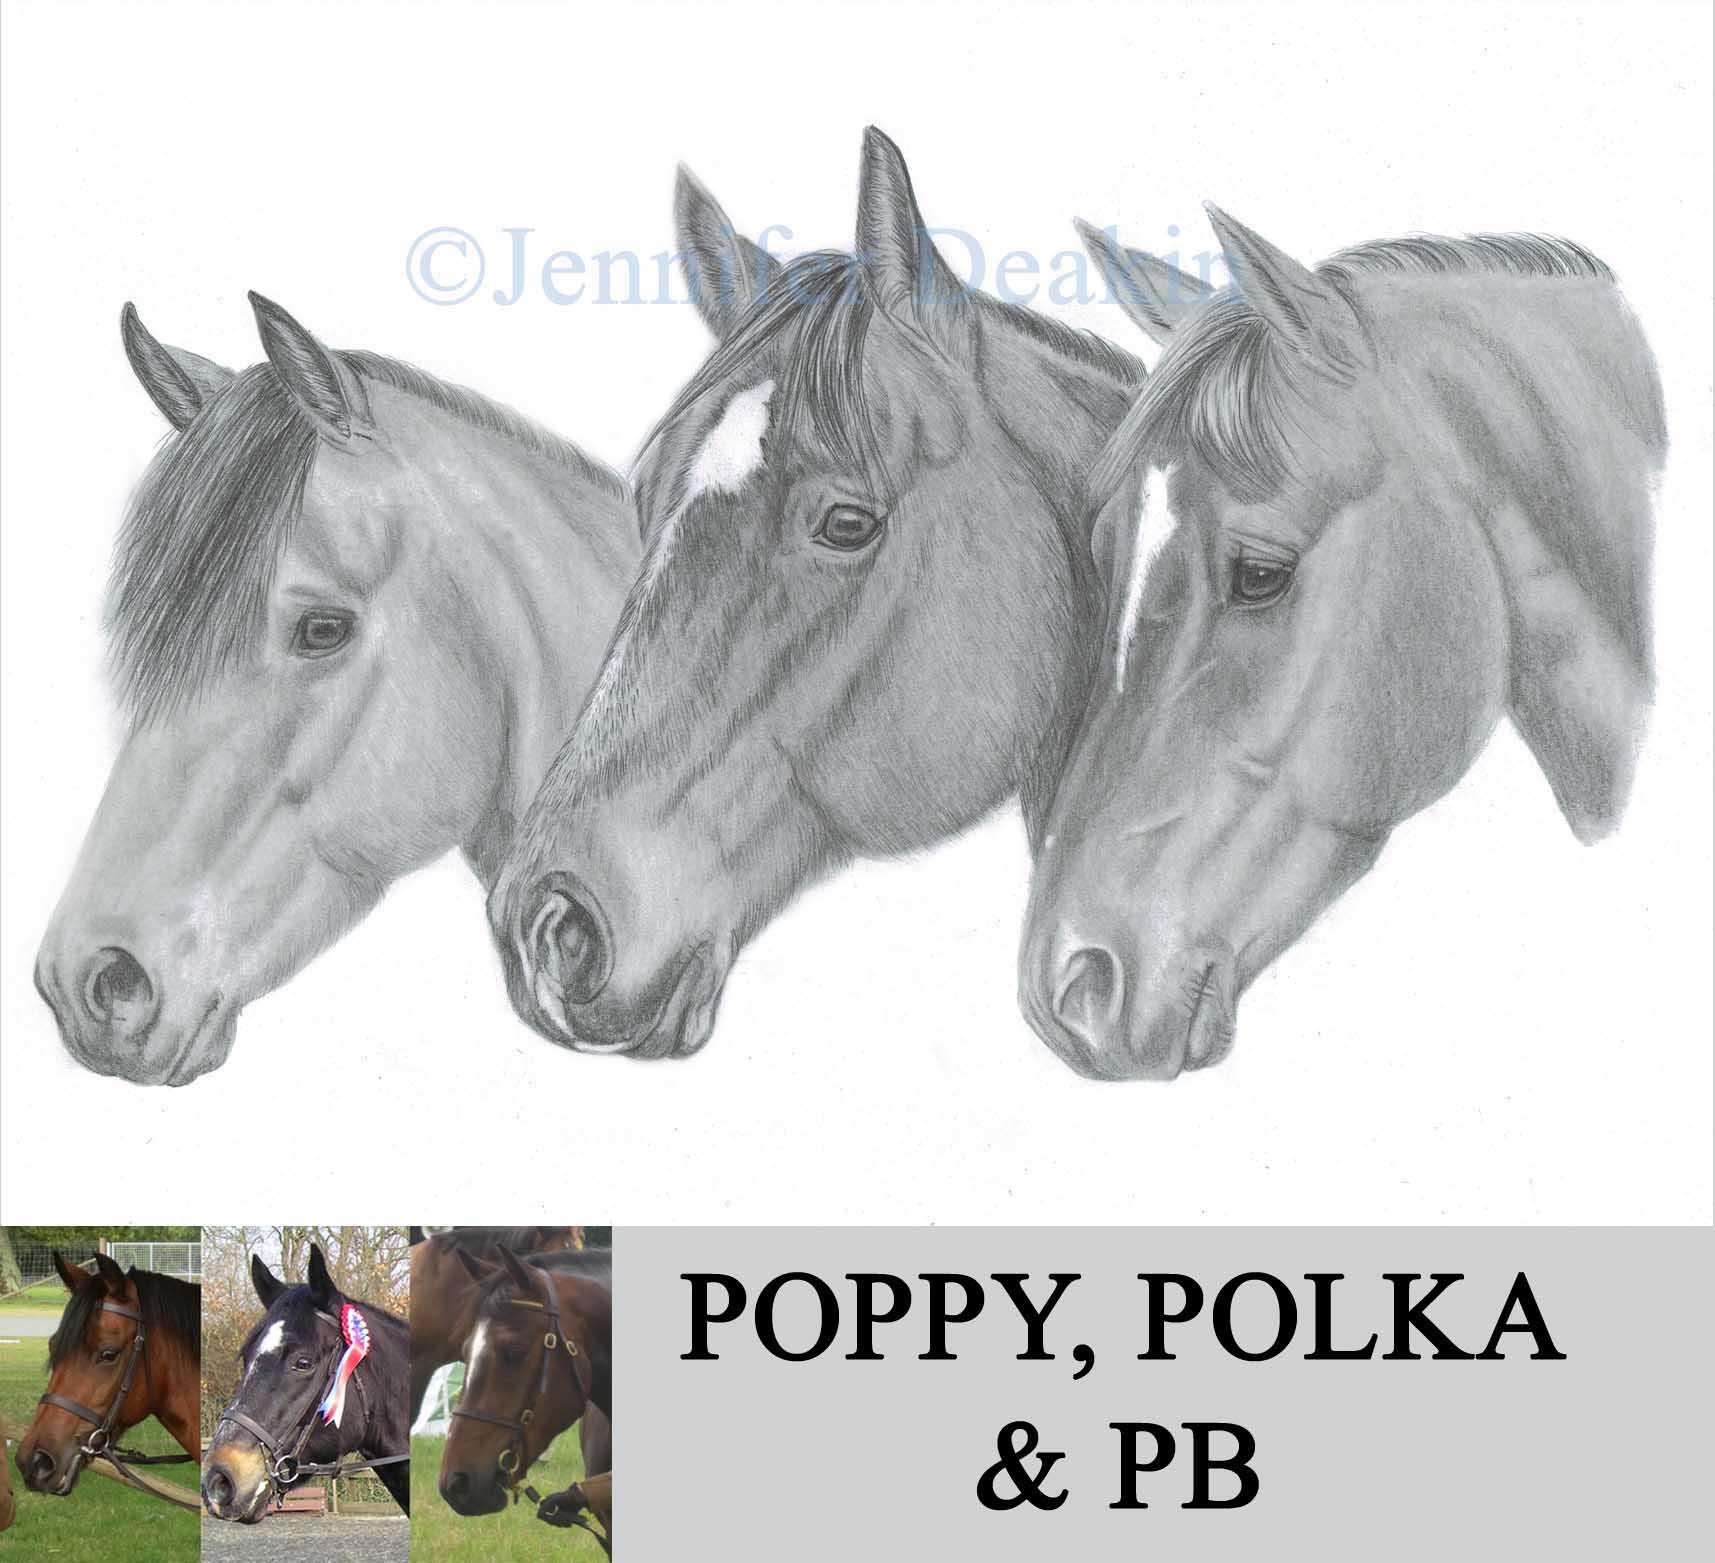 3horses - Copy